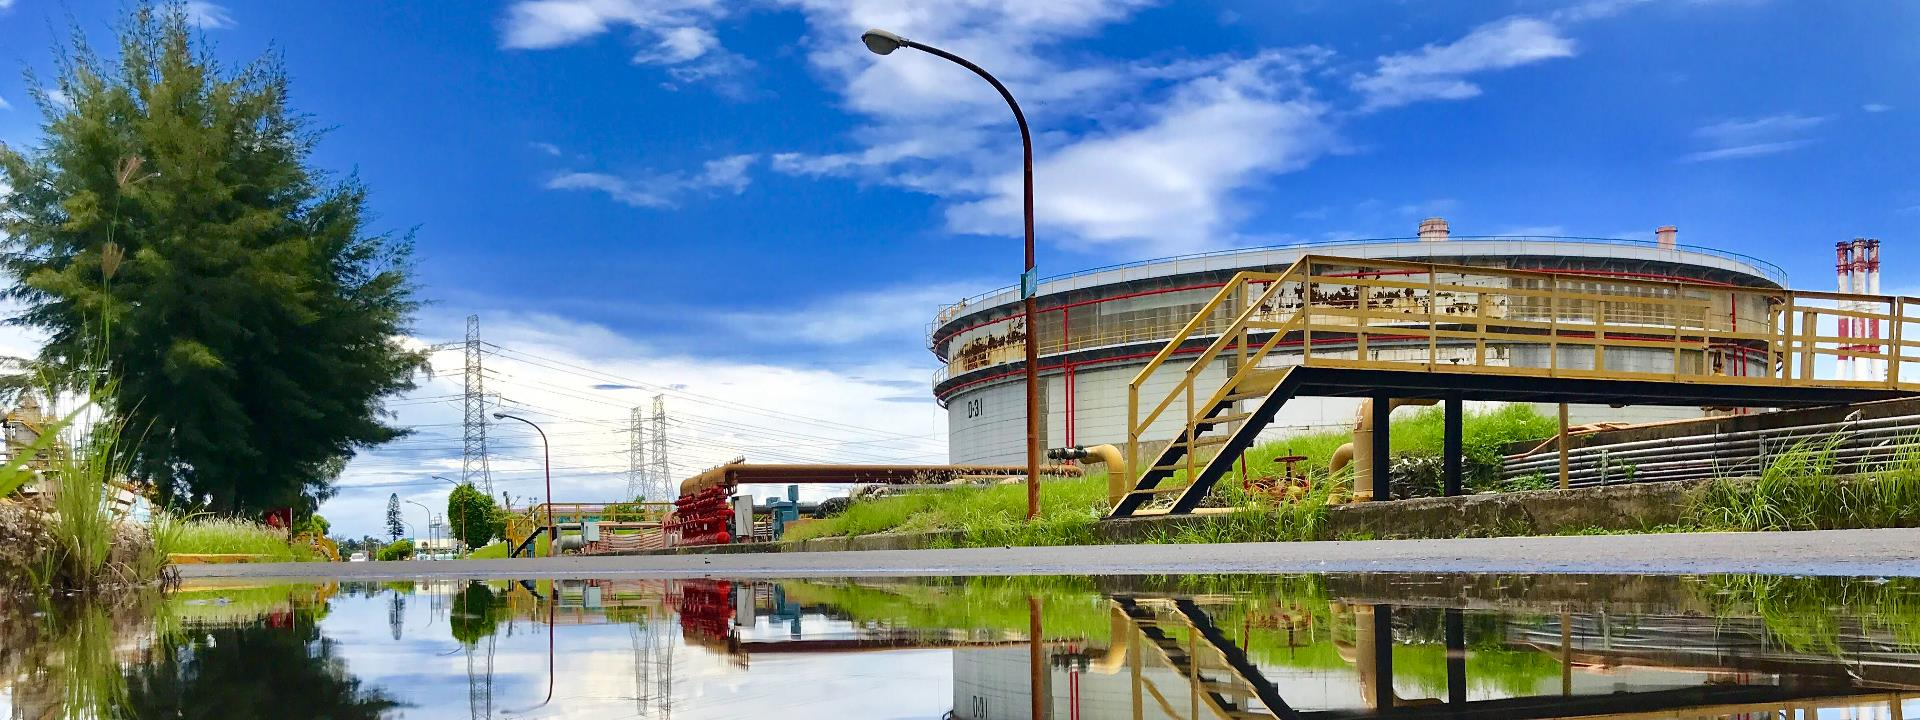 大林煉油廠-雨過天晴,路旁積水,倒影出現實生活場景。